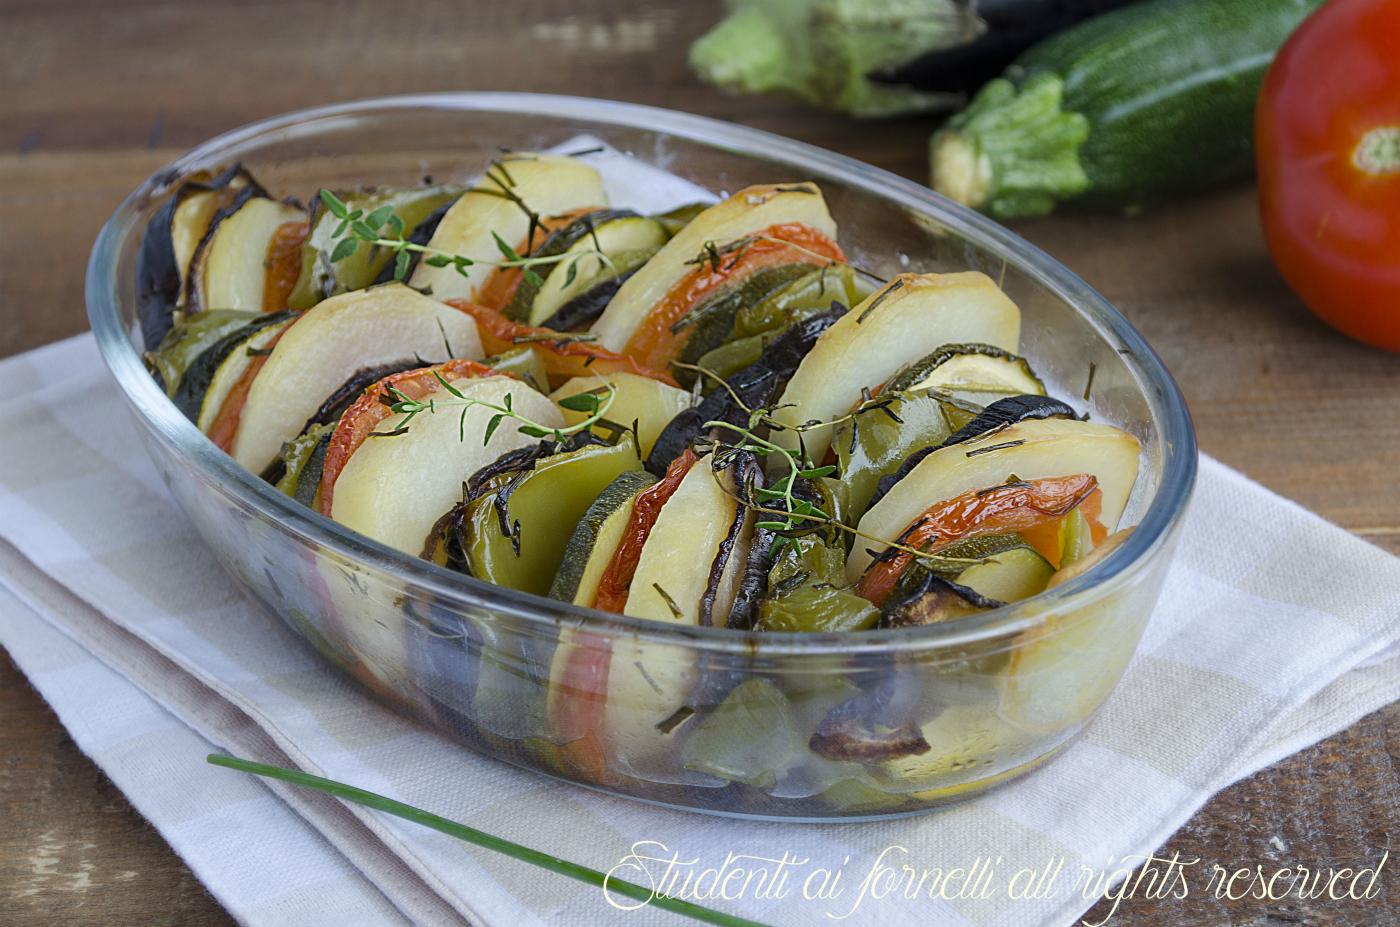 ricetta verdure al forno alle erbe aromatiche ratatouille di verdure teglia di verdure saporite al forno ricetta